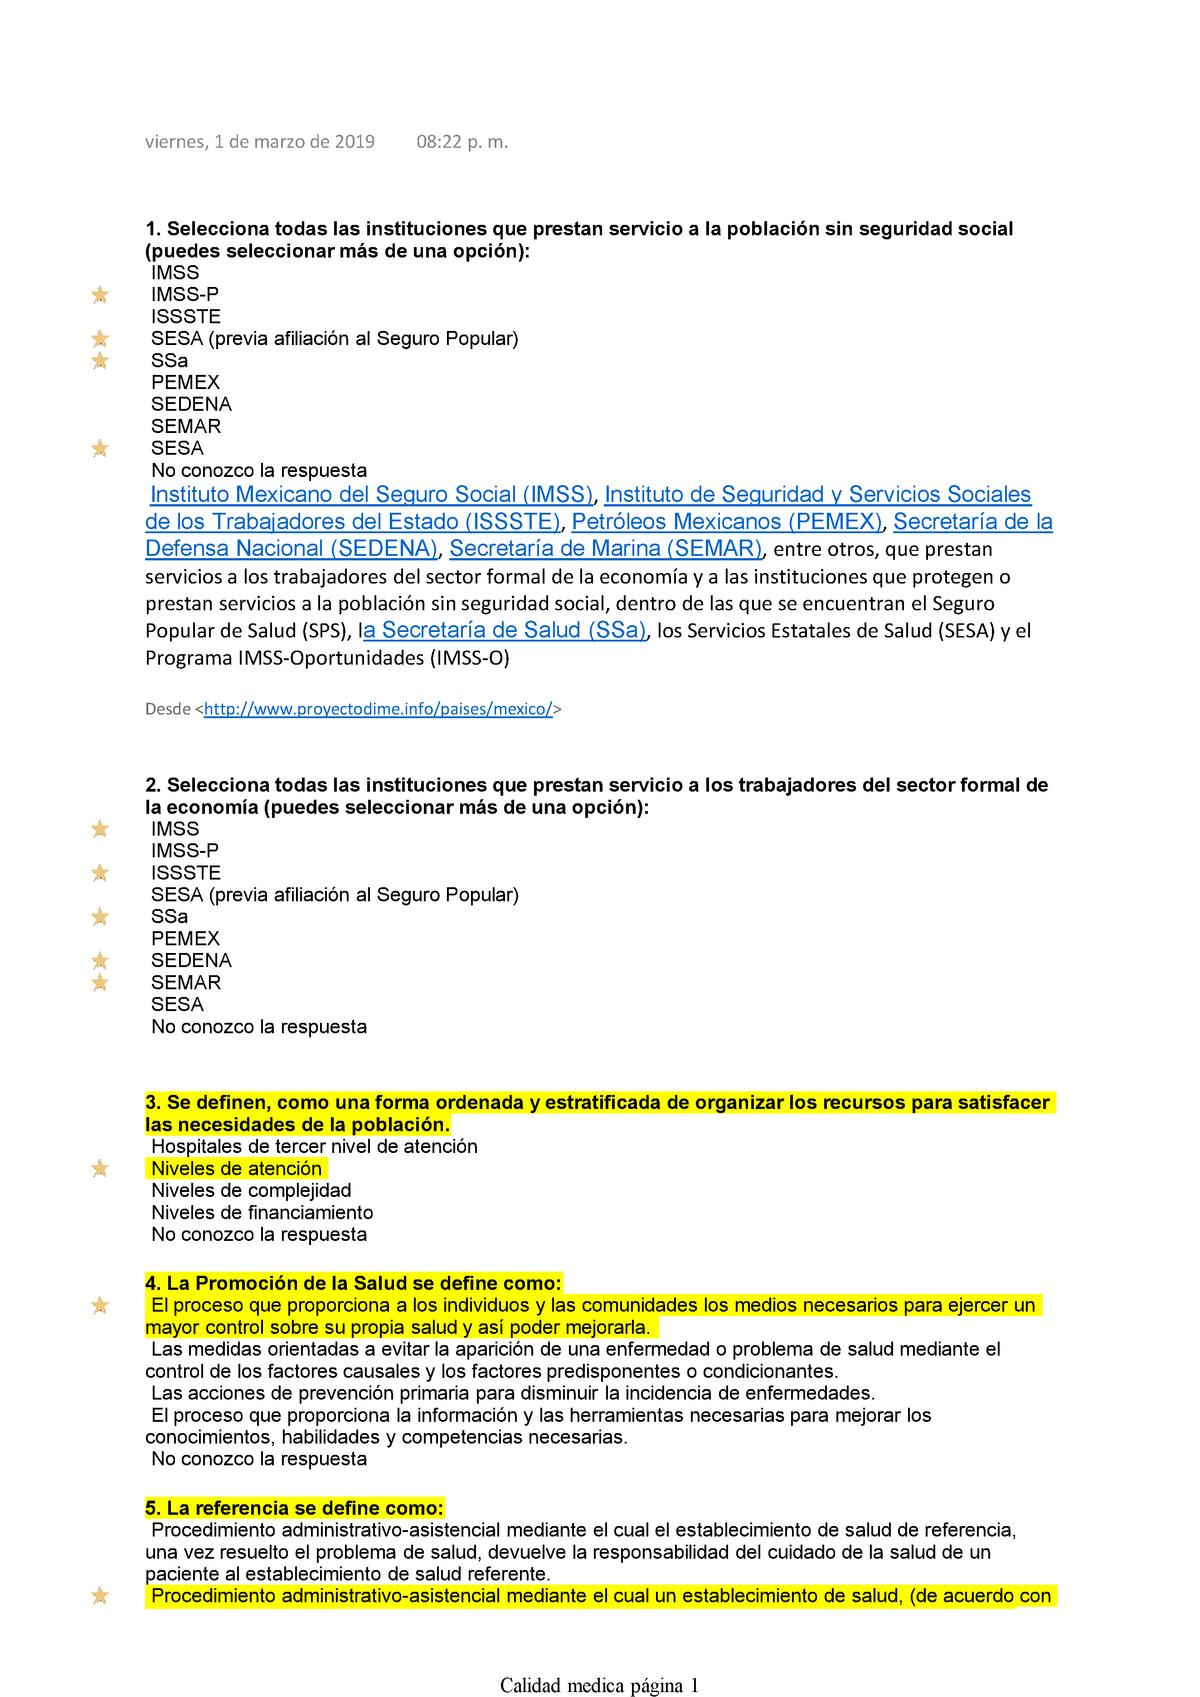 Examen 9 Marzo 2019 Preguntas Y Respuestas Studocu